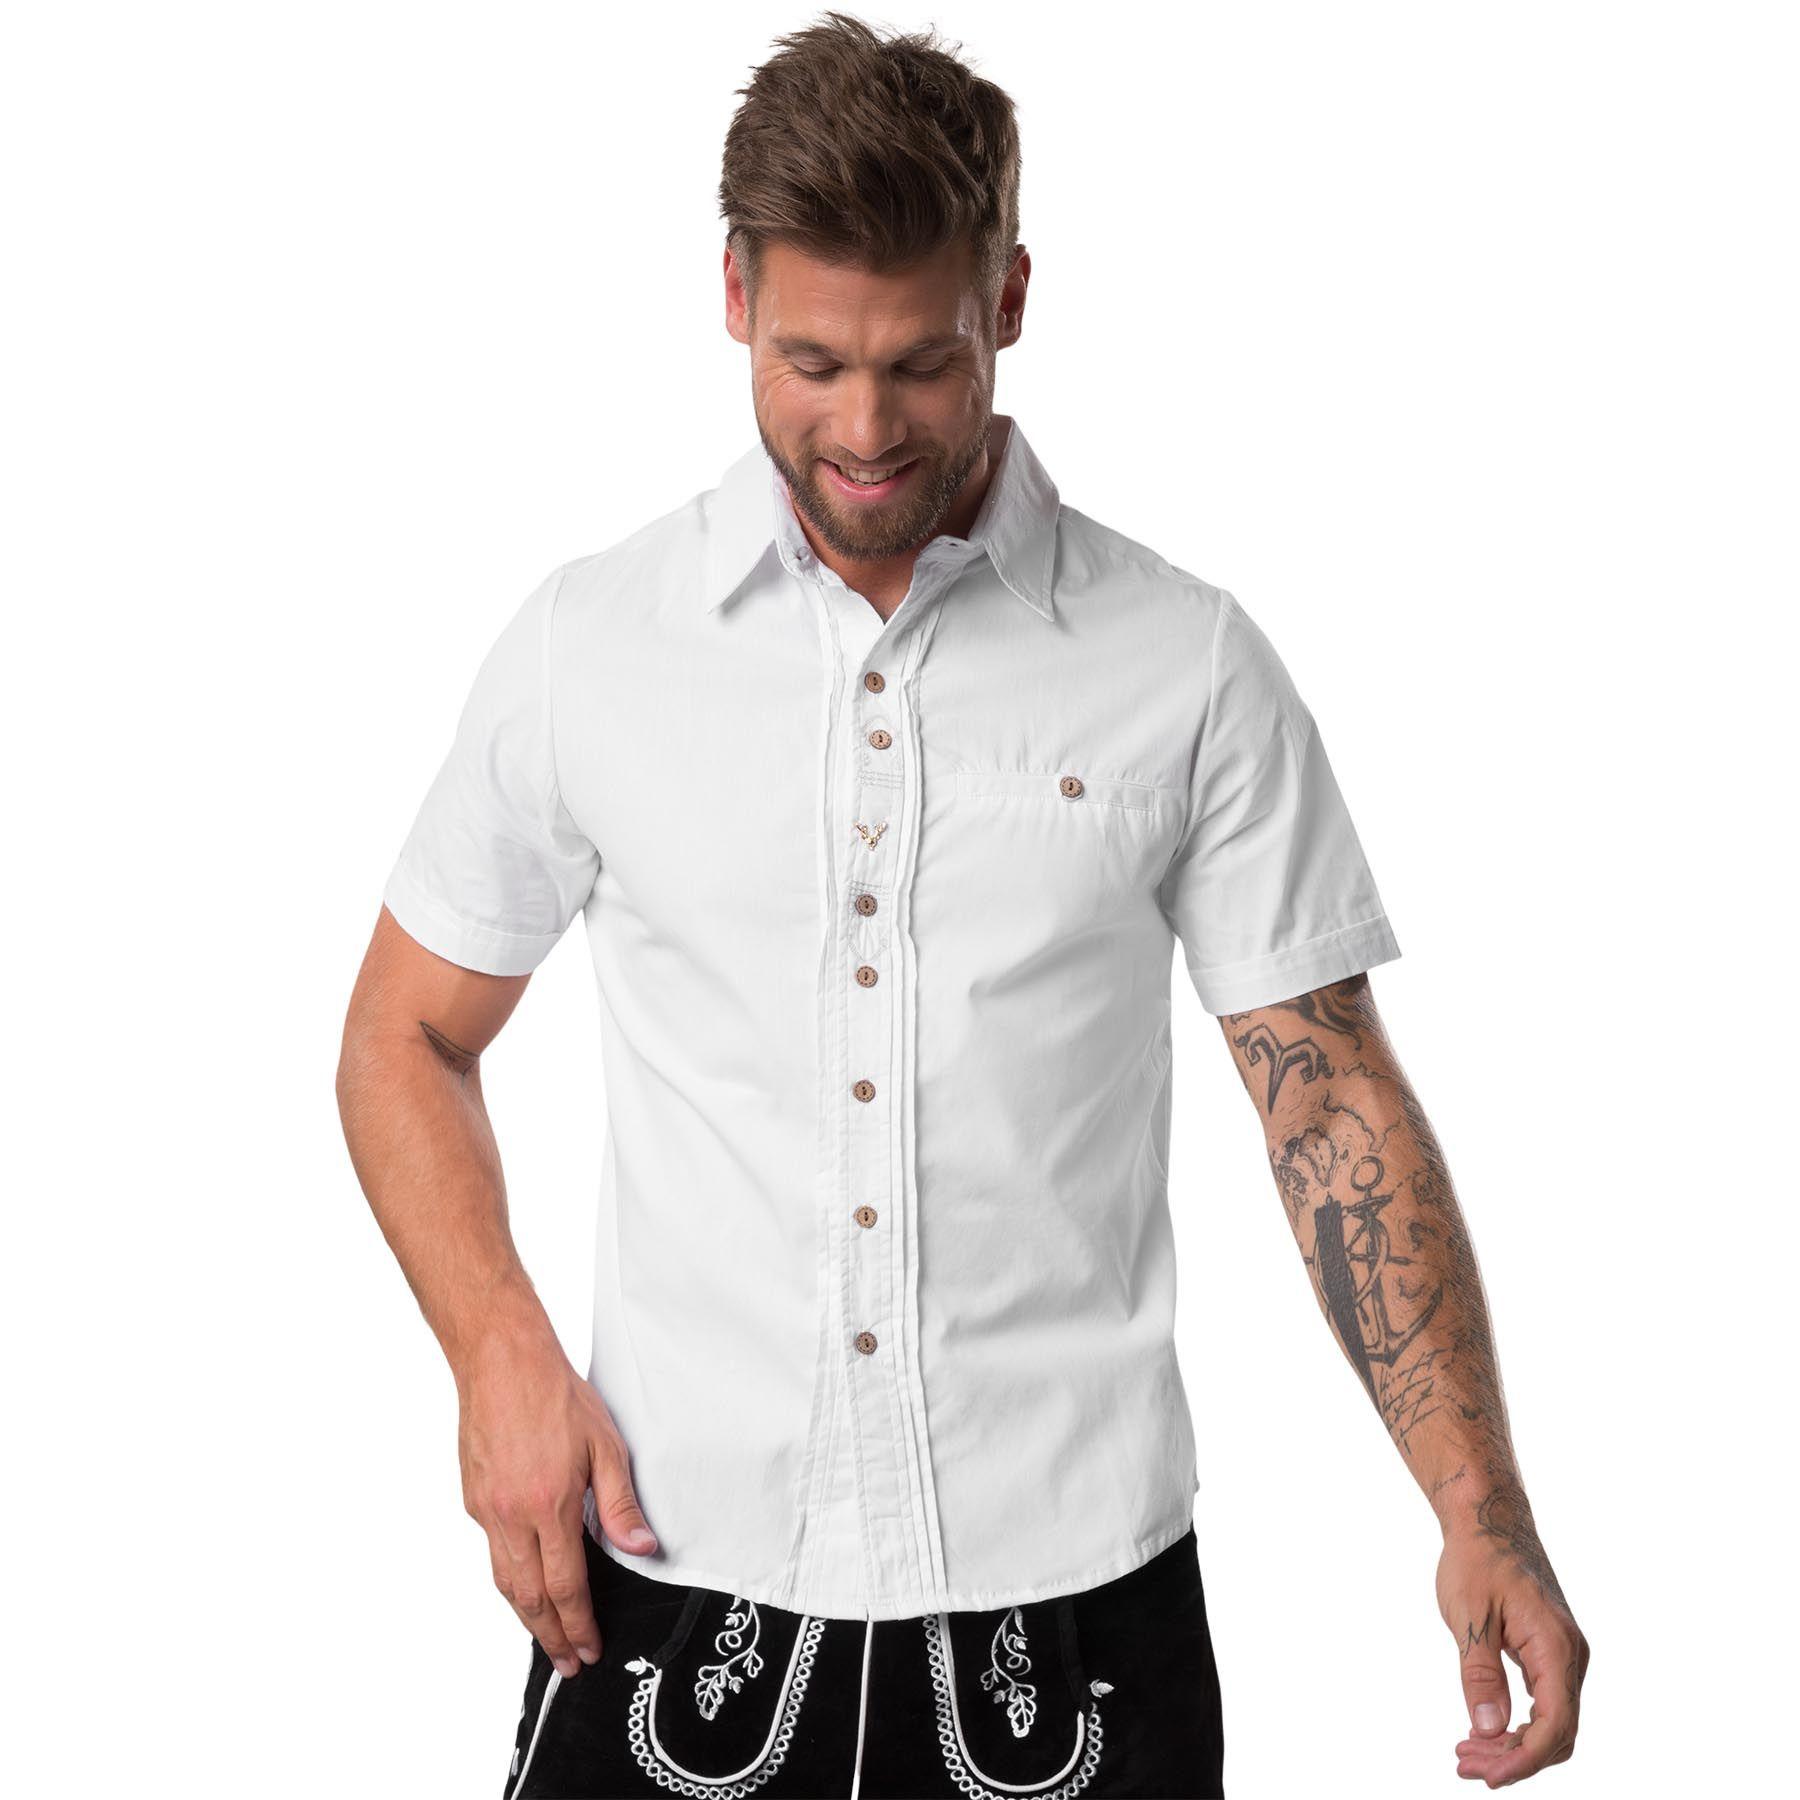 TRACHTEN Camicia Uomo Camicia Uomo Manica Lunga A Maniche Corte Elegante Bianco puro cotone bianco